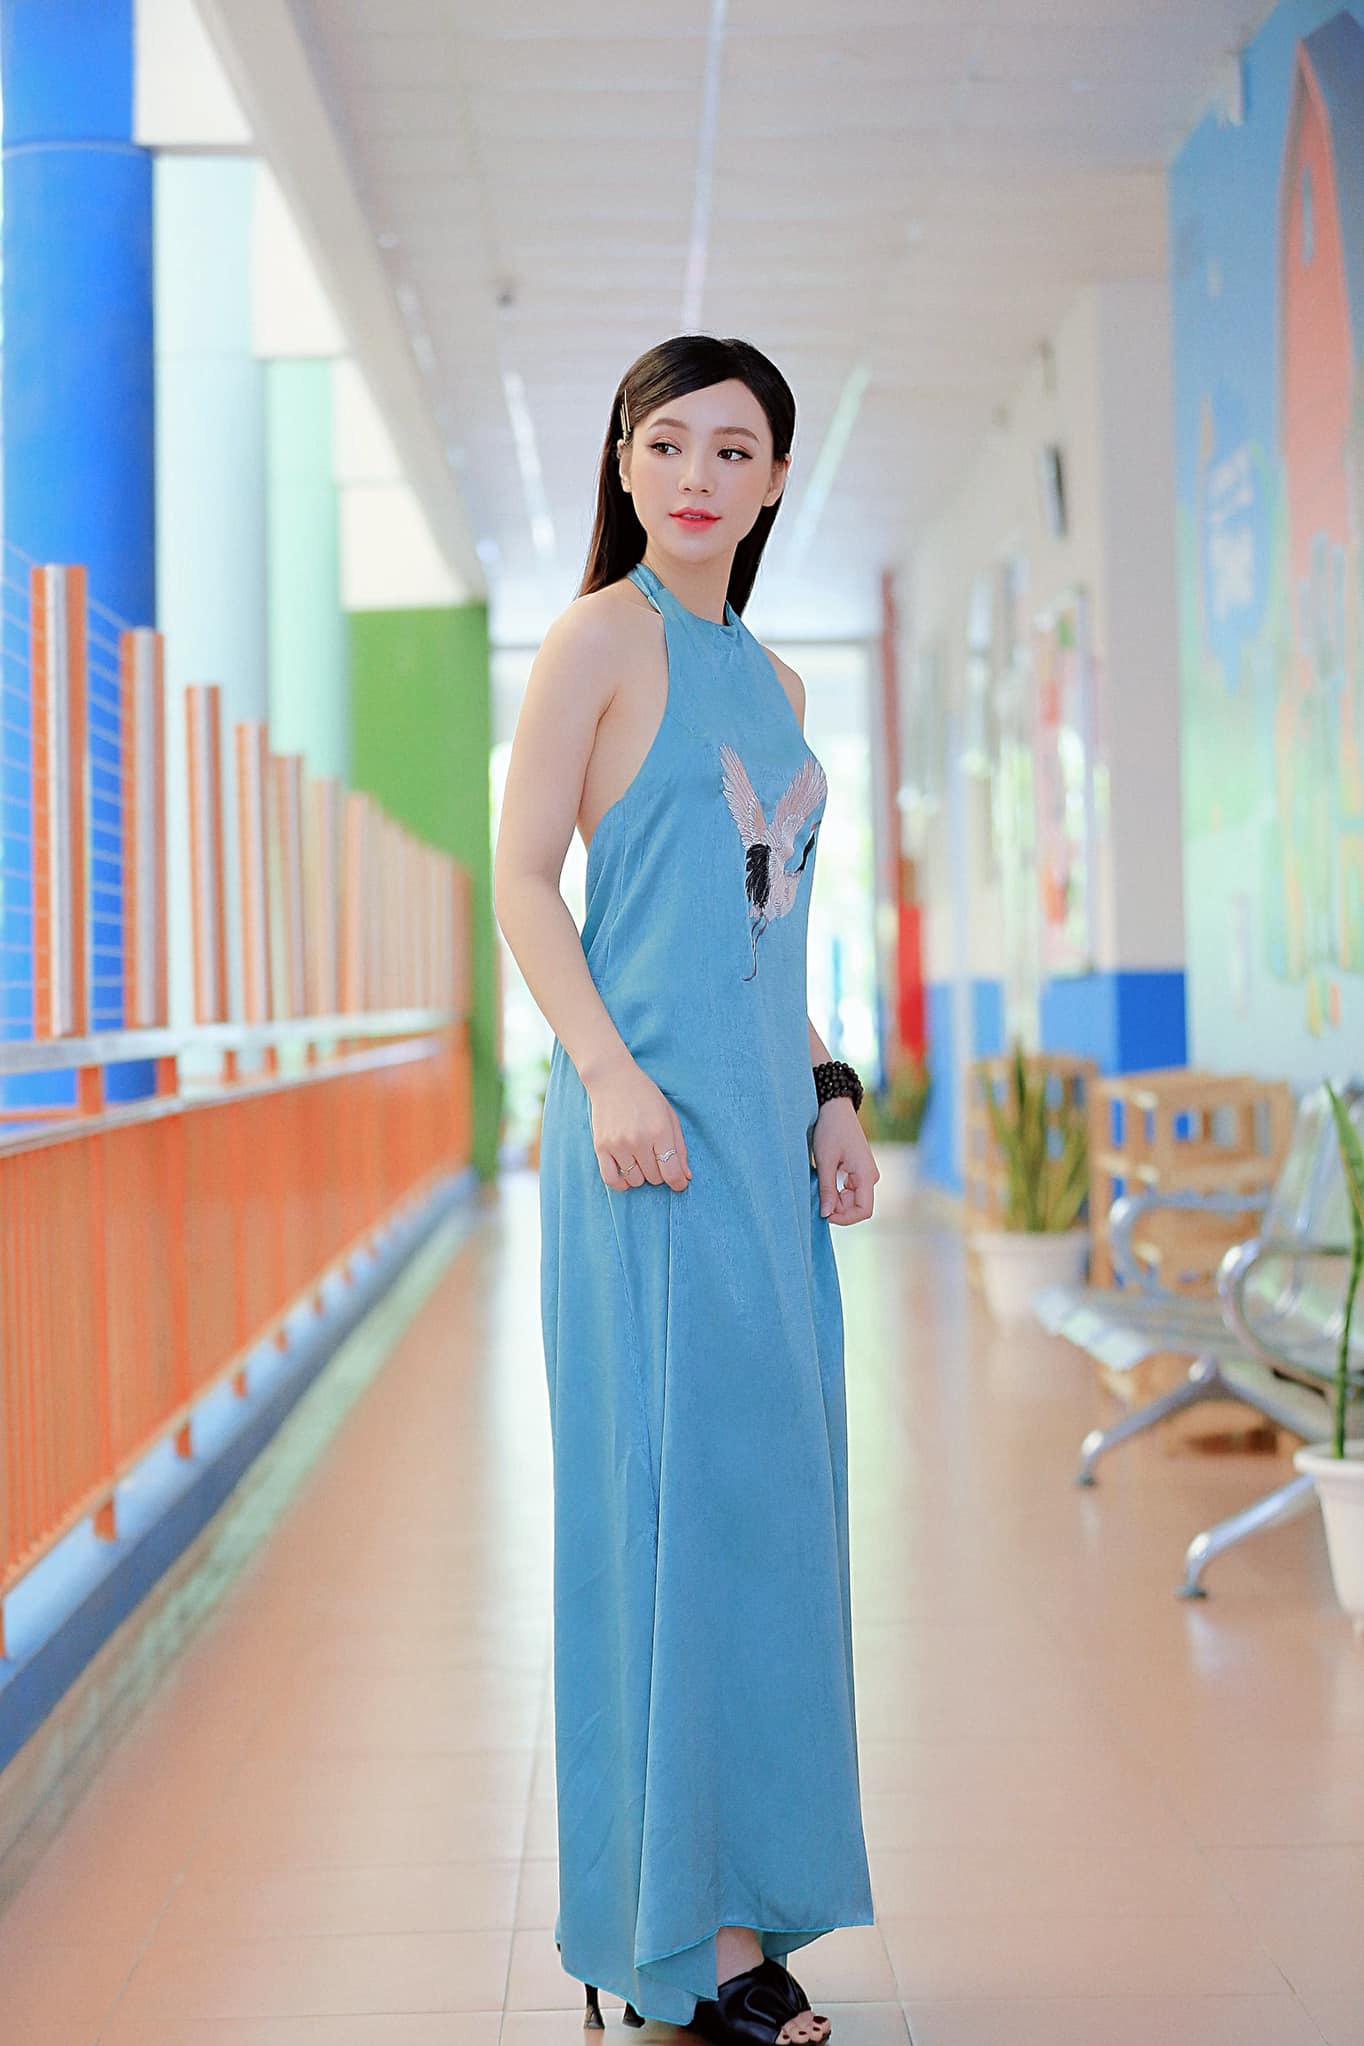 Ngược đời như Quỳnh Kool: Bình thường khéo ăn vận tôn dáng cao ráo, dự VTV Awards lại tự dìm vì đầm công chúa lỡ cỡ - Ảnh 11.